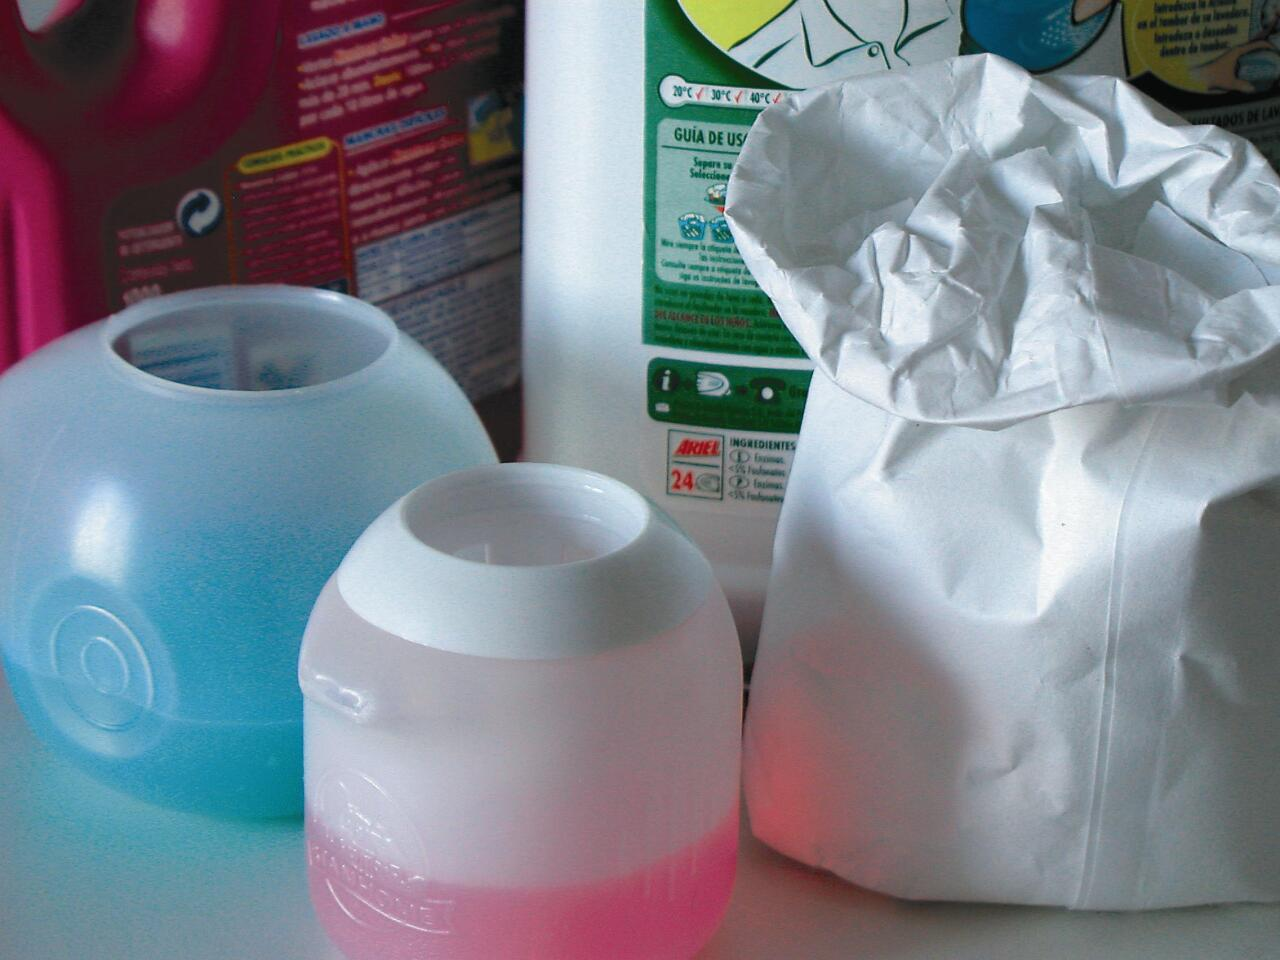 Gaur egun, detergente gehienak sintetikoak dira, eta solido zein likidoak izan daitezke